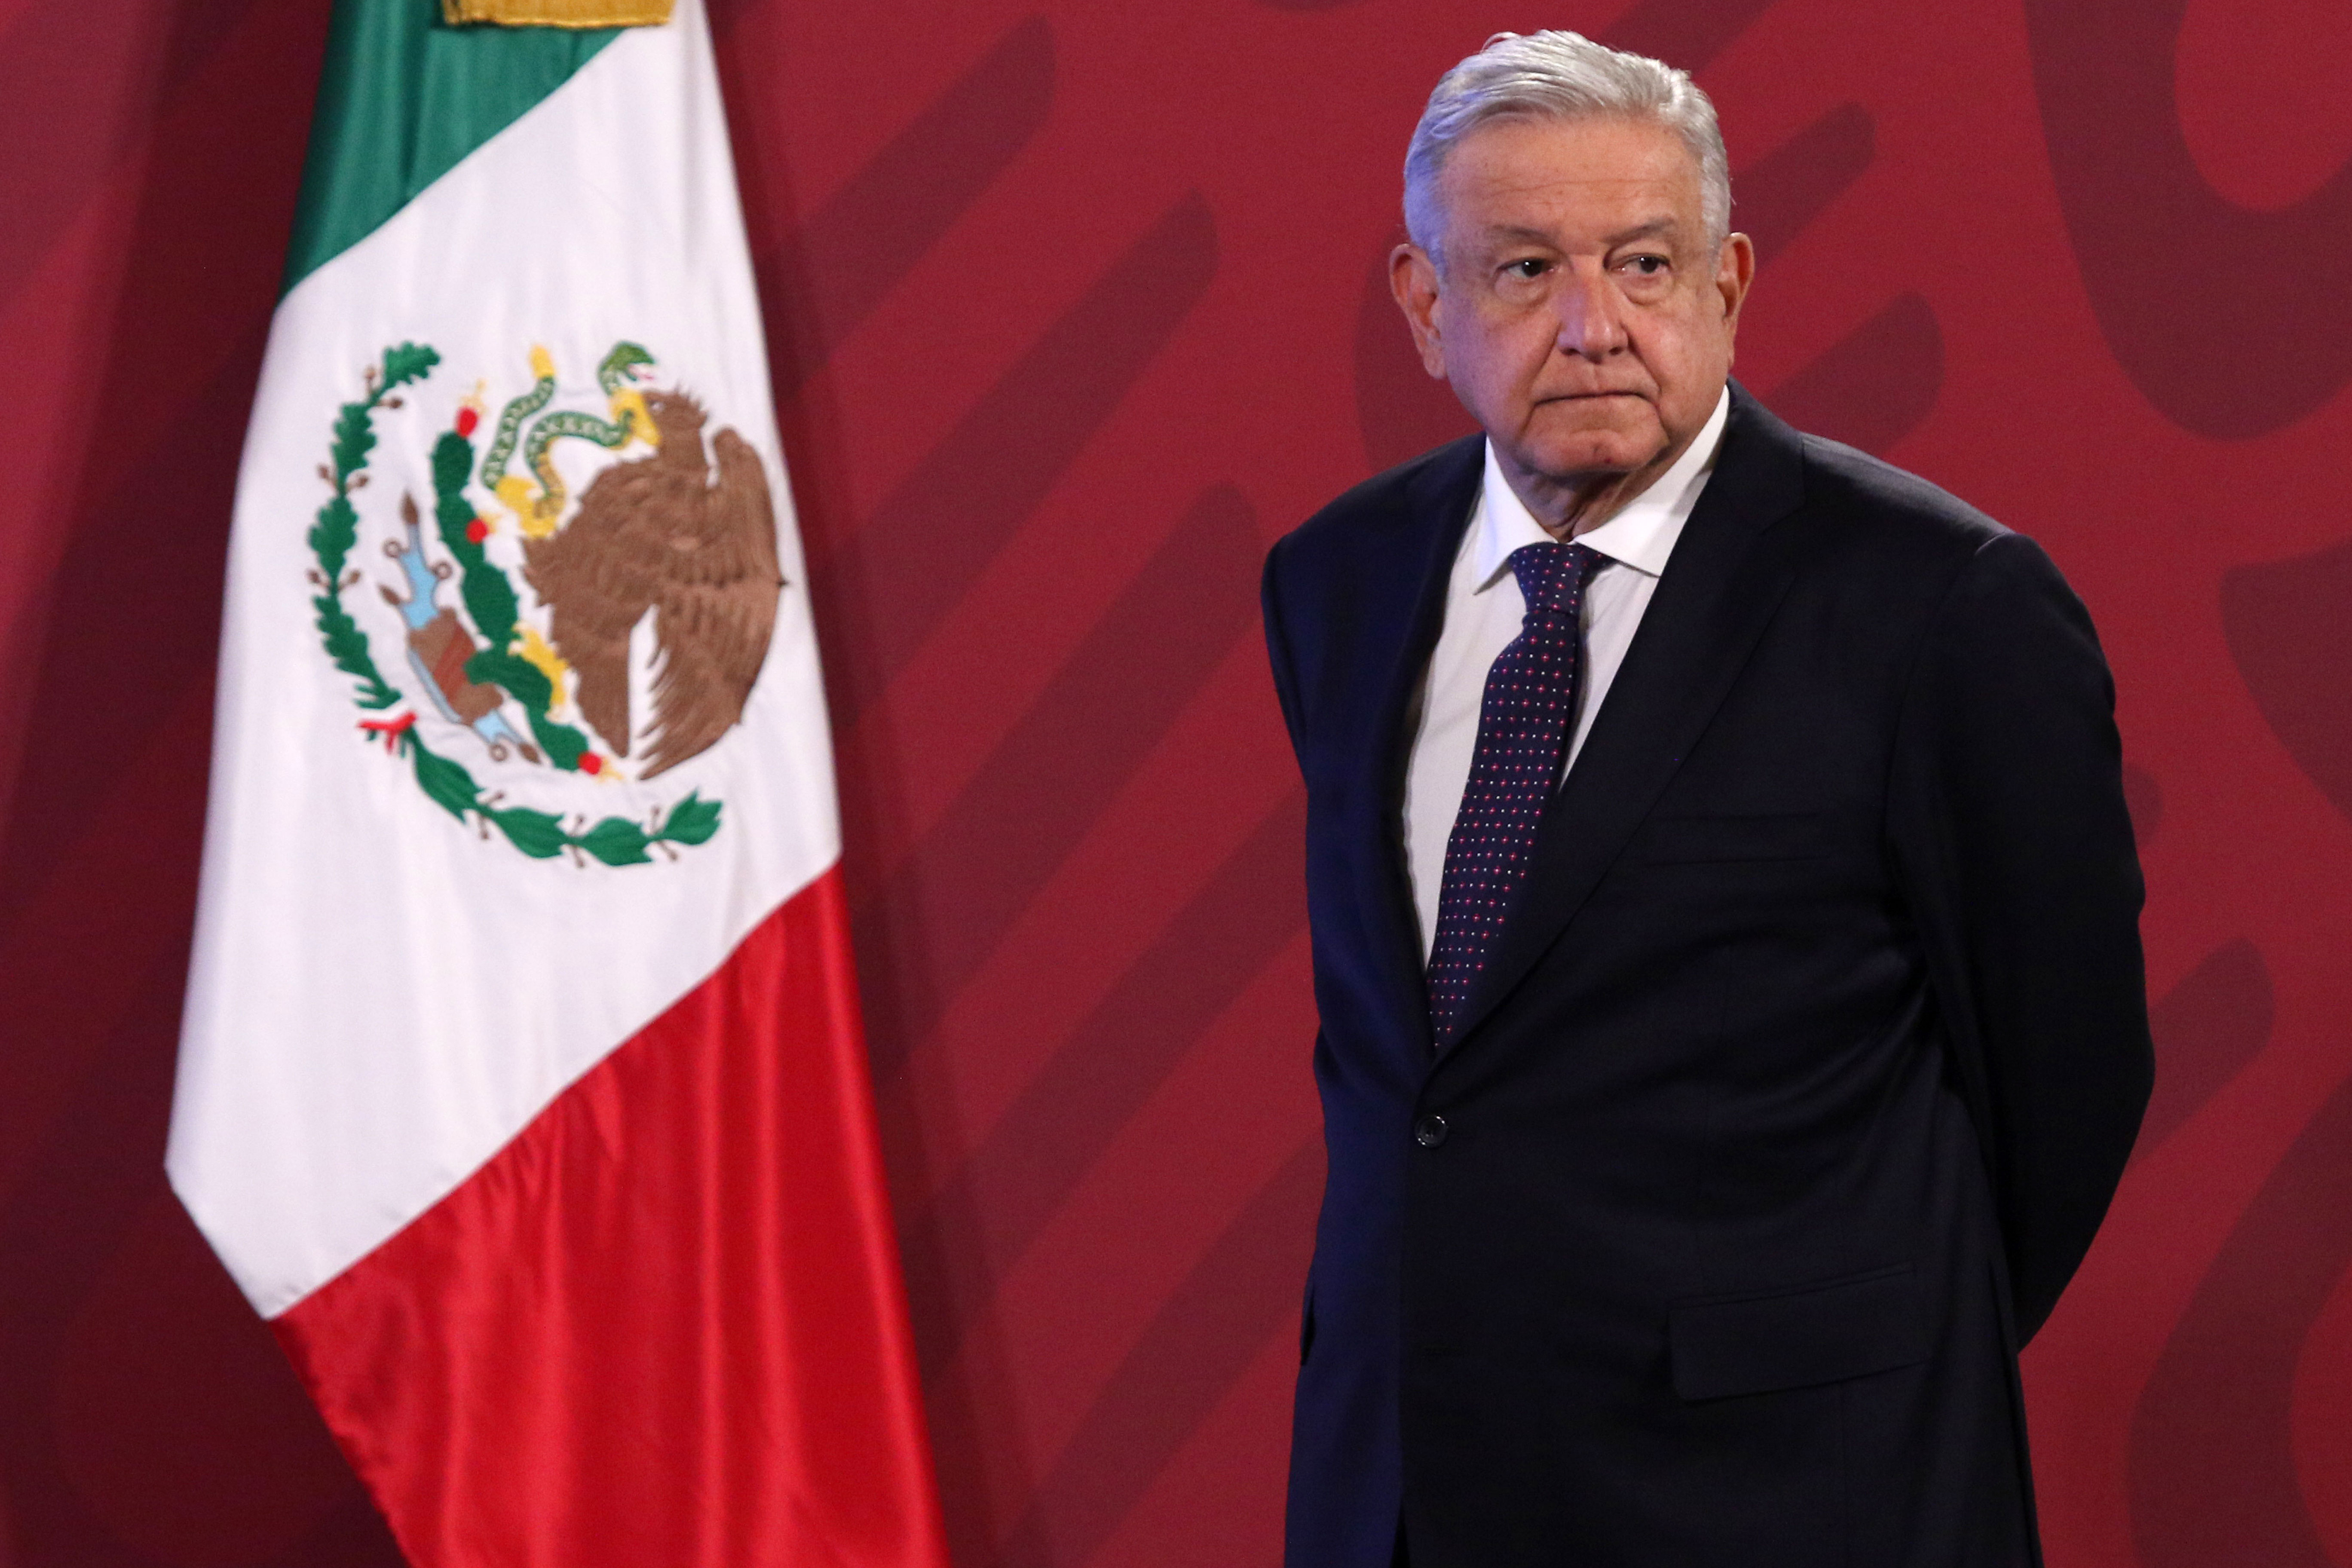 Mexico's PresidentAndrés Manuel López Obrador holds a news conferenceon November 5 in Mexico City.